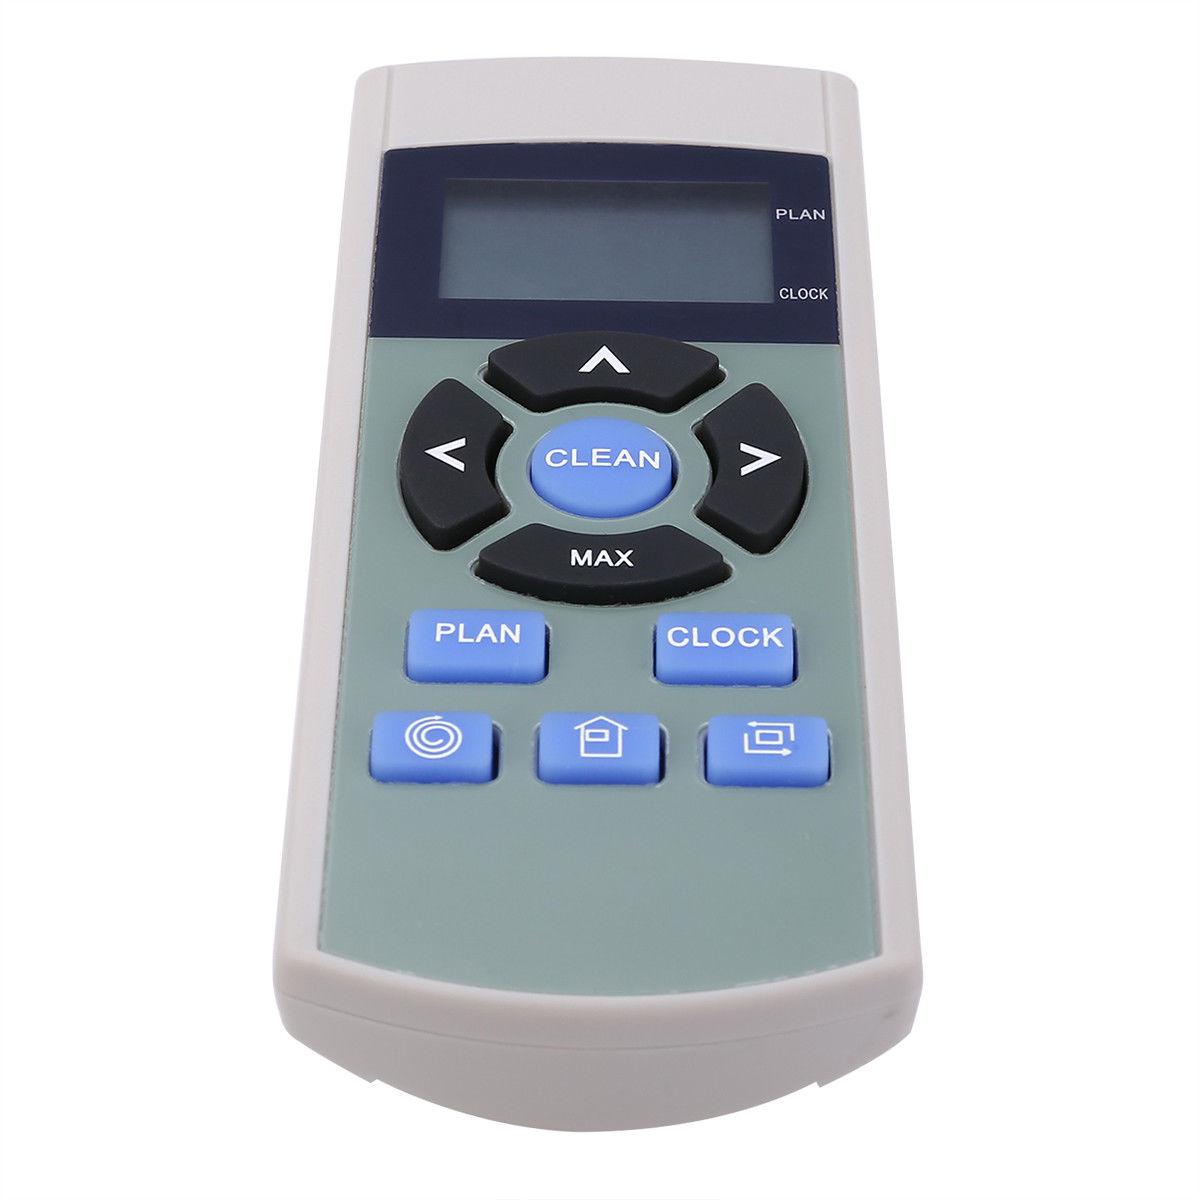 NEW Remote Control For ILIFE A4 V5 V5S V7 V7S PRO V7S Robotic Vacuum Cleaner